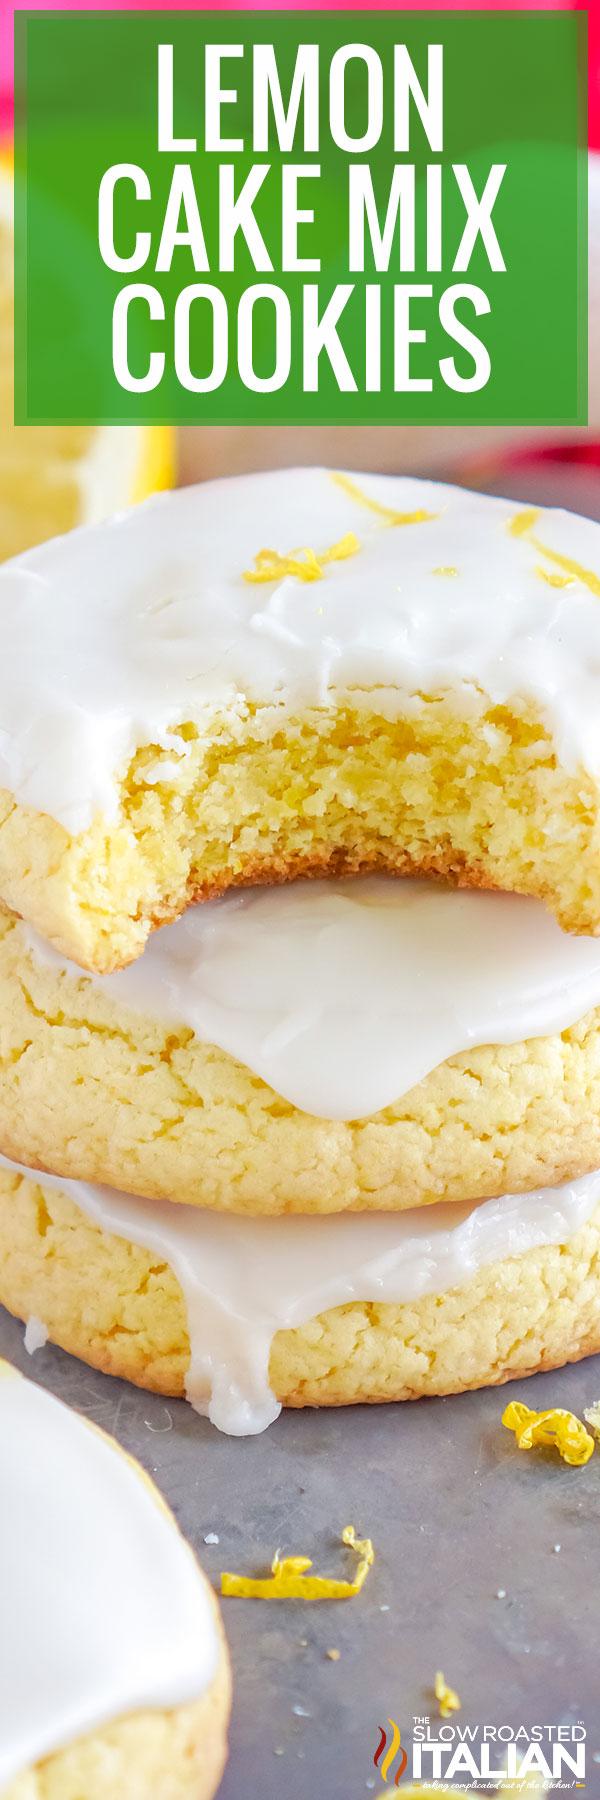 Lemon Cake Mix Cookies closeup